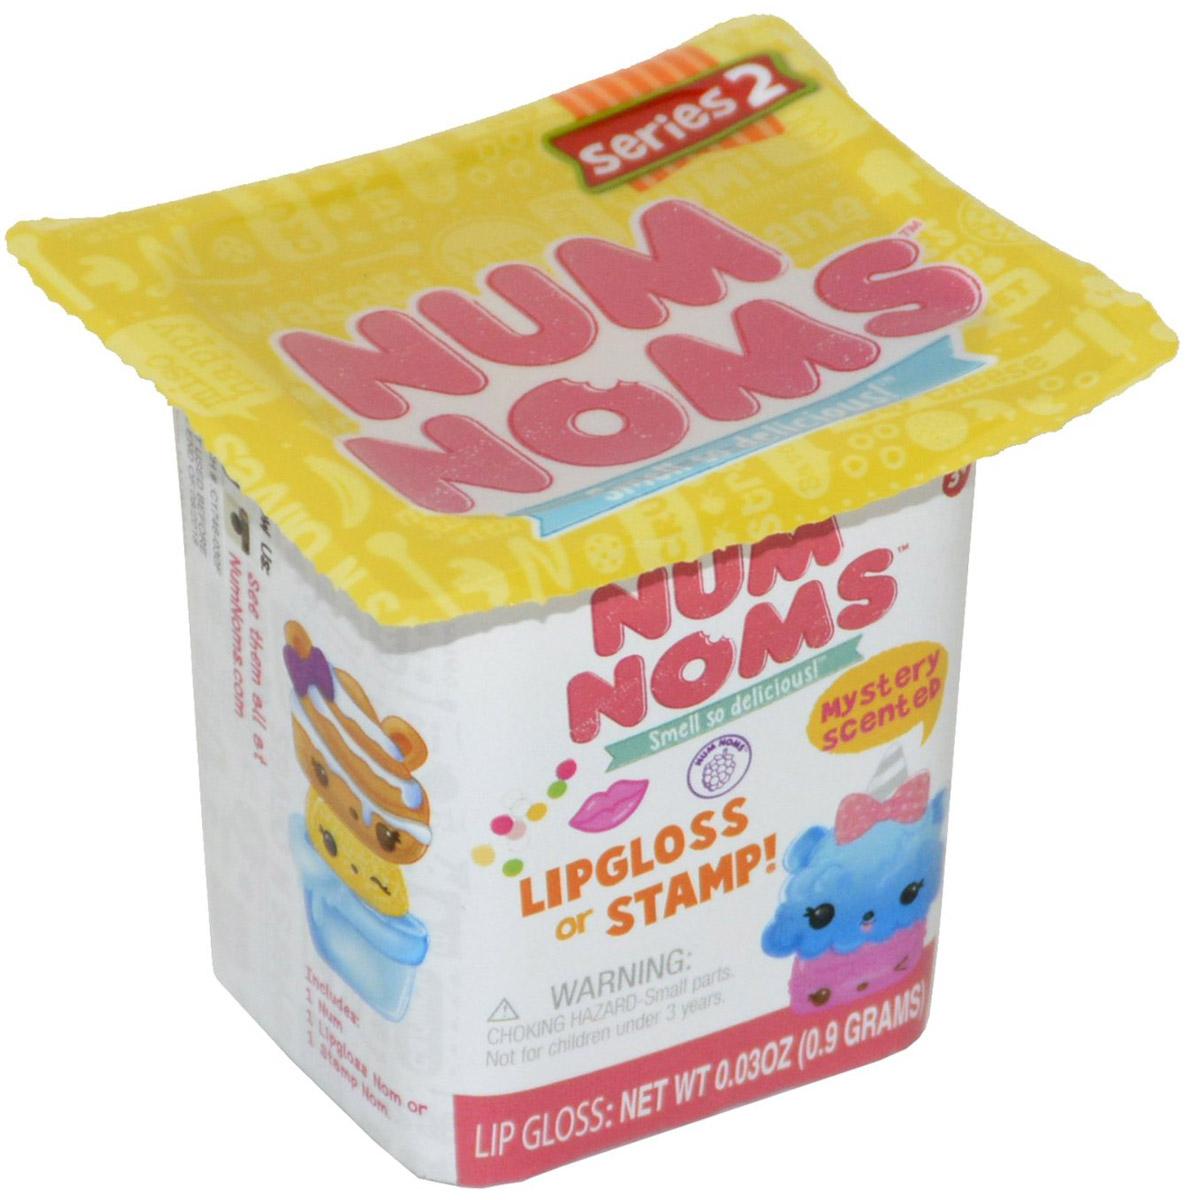 """Num Noms Набор фигурок, 2 шт542032Секретные фигурки с ароматным блеском для губ или штампом В комплекте 1 """"шапочка"""" Num, 1 основа с блеском для губ или штампом Nom, плакат со всеми персонажами"""